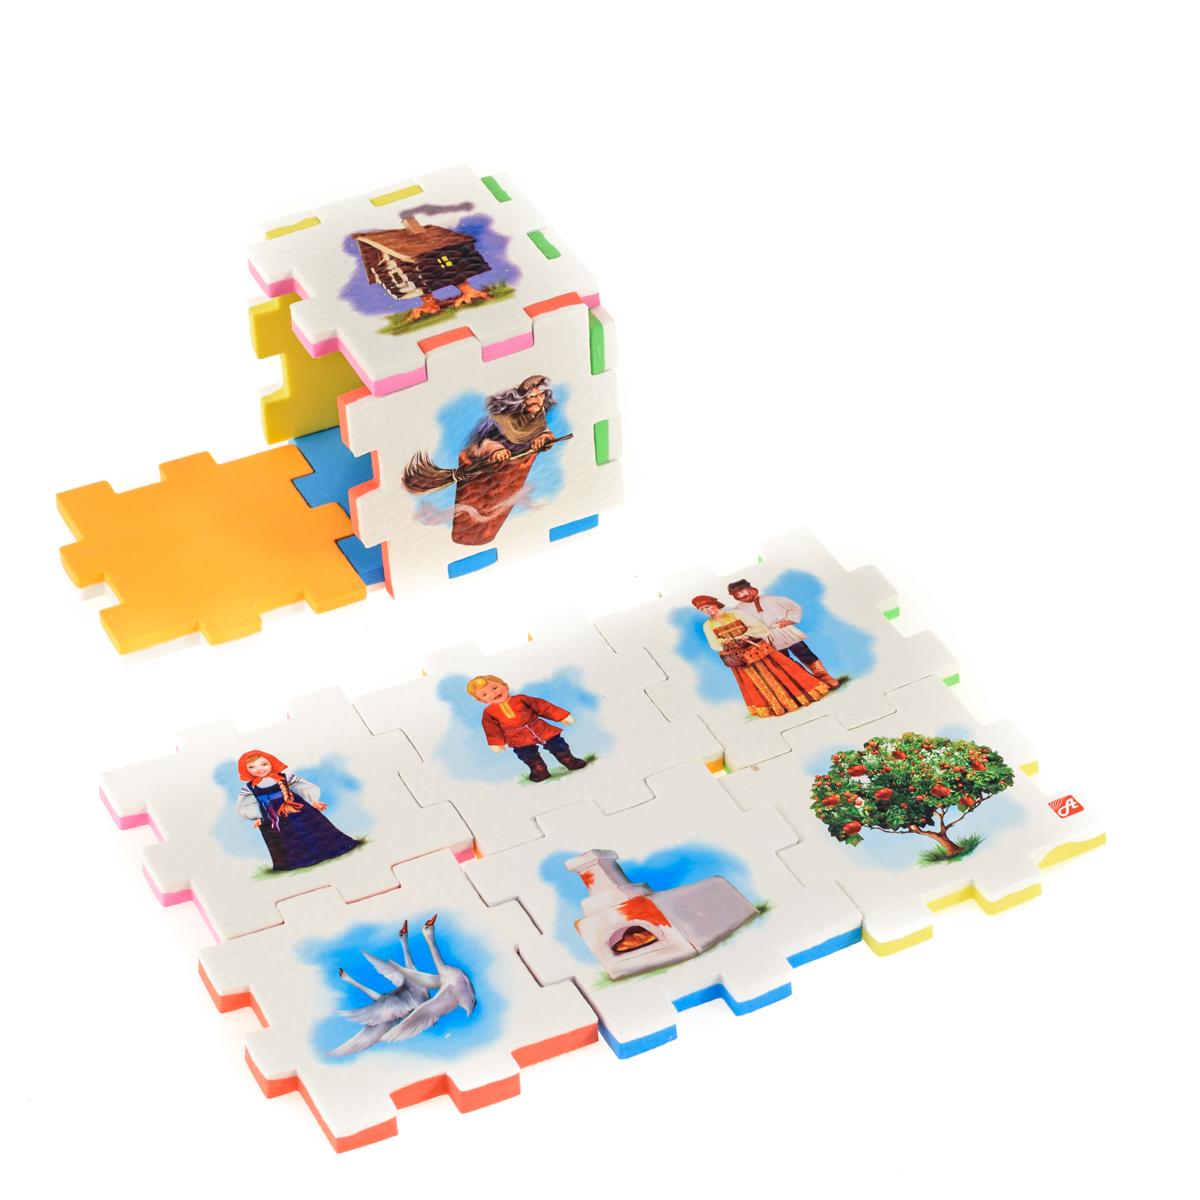 Нескучный кубик Пазл для малышей Гуси-лебеди282378Развивающее пособие-игрушка призвано в легкой игровой форме помочь ребенку познакомиться с окружающим миром, изучить цвета, формы, развить логическое и ассоциативное мышление. Из деталей кубика можно конструировать не только кубик из 6 элементов! Попробуйте собрать форму побольше — из 10-12 деталей, либо кубик из 24 деталей, у которого каждая сторона будет состоять из 4-х картинок-элементов. Либо вы можете сложить с ребенком необычный коврик из деталей кубика. Позвольте ребенку поиграть самому — он сможет сконструировать разные формы и фигуры, которые подскажет ему его воображение. С детьми постарше можно заниматься изучением иностранных языков в игровой форме.